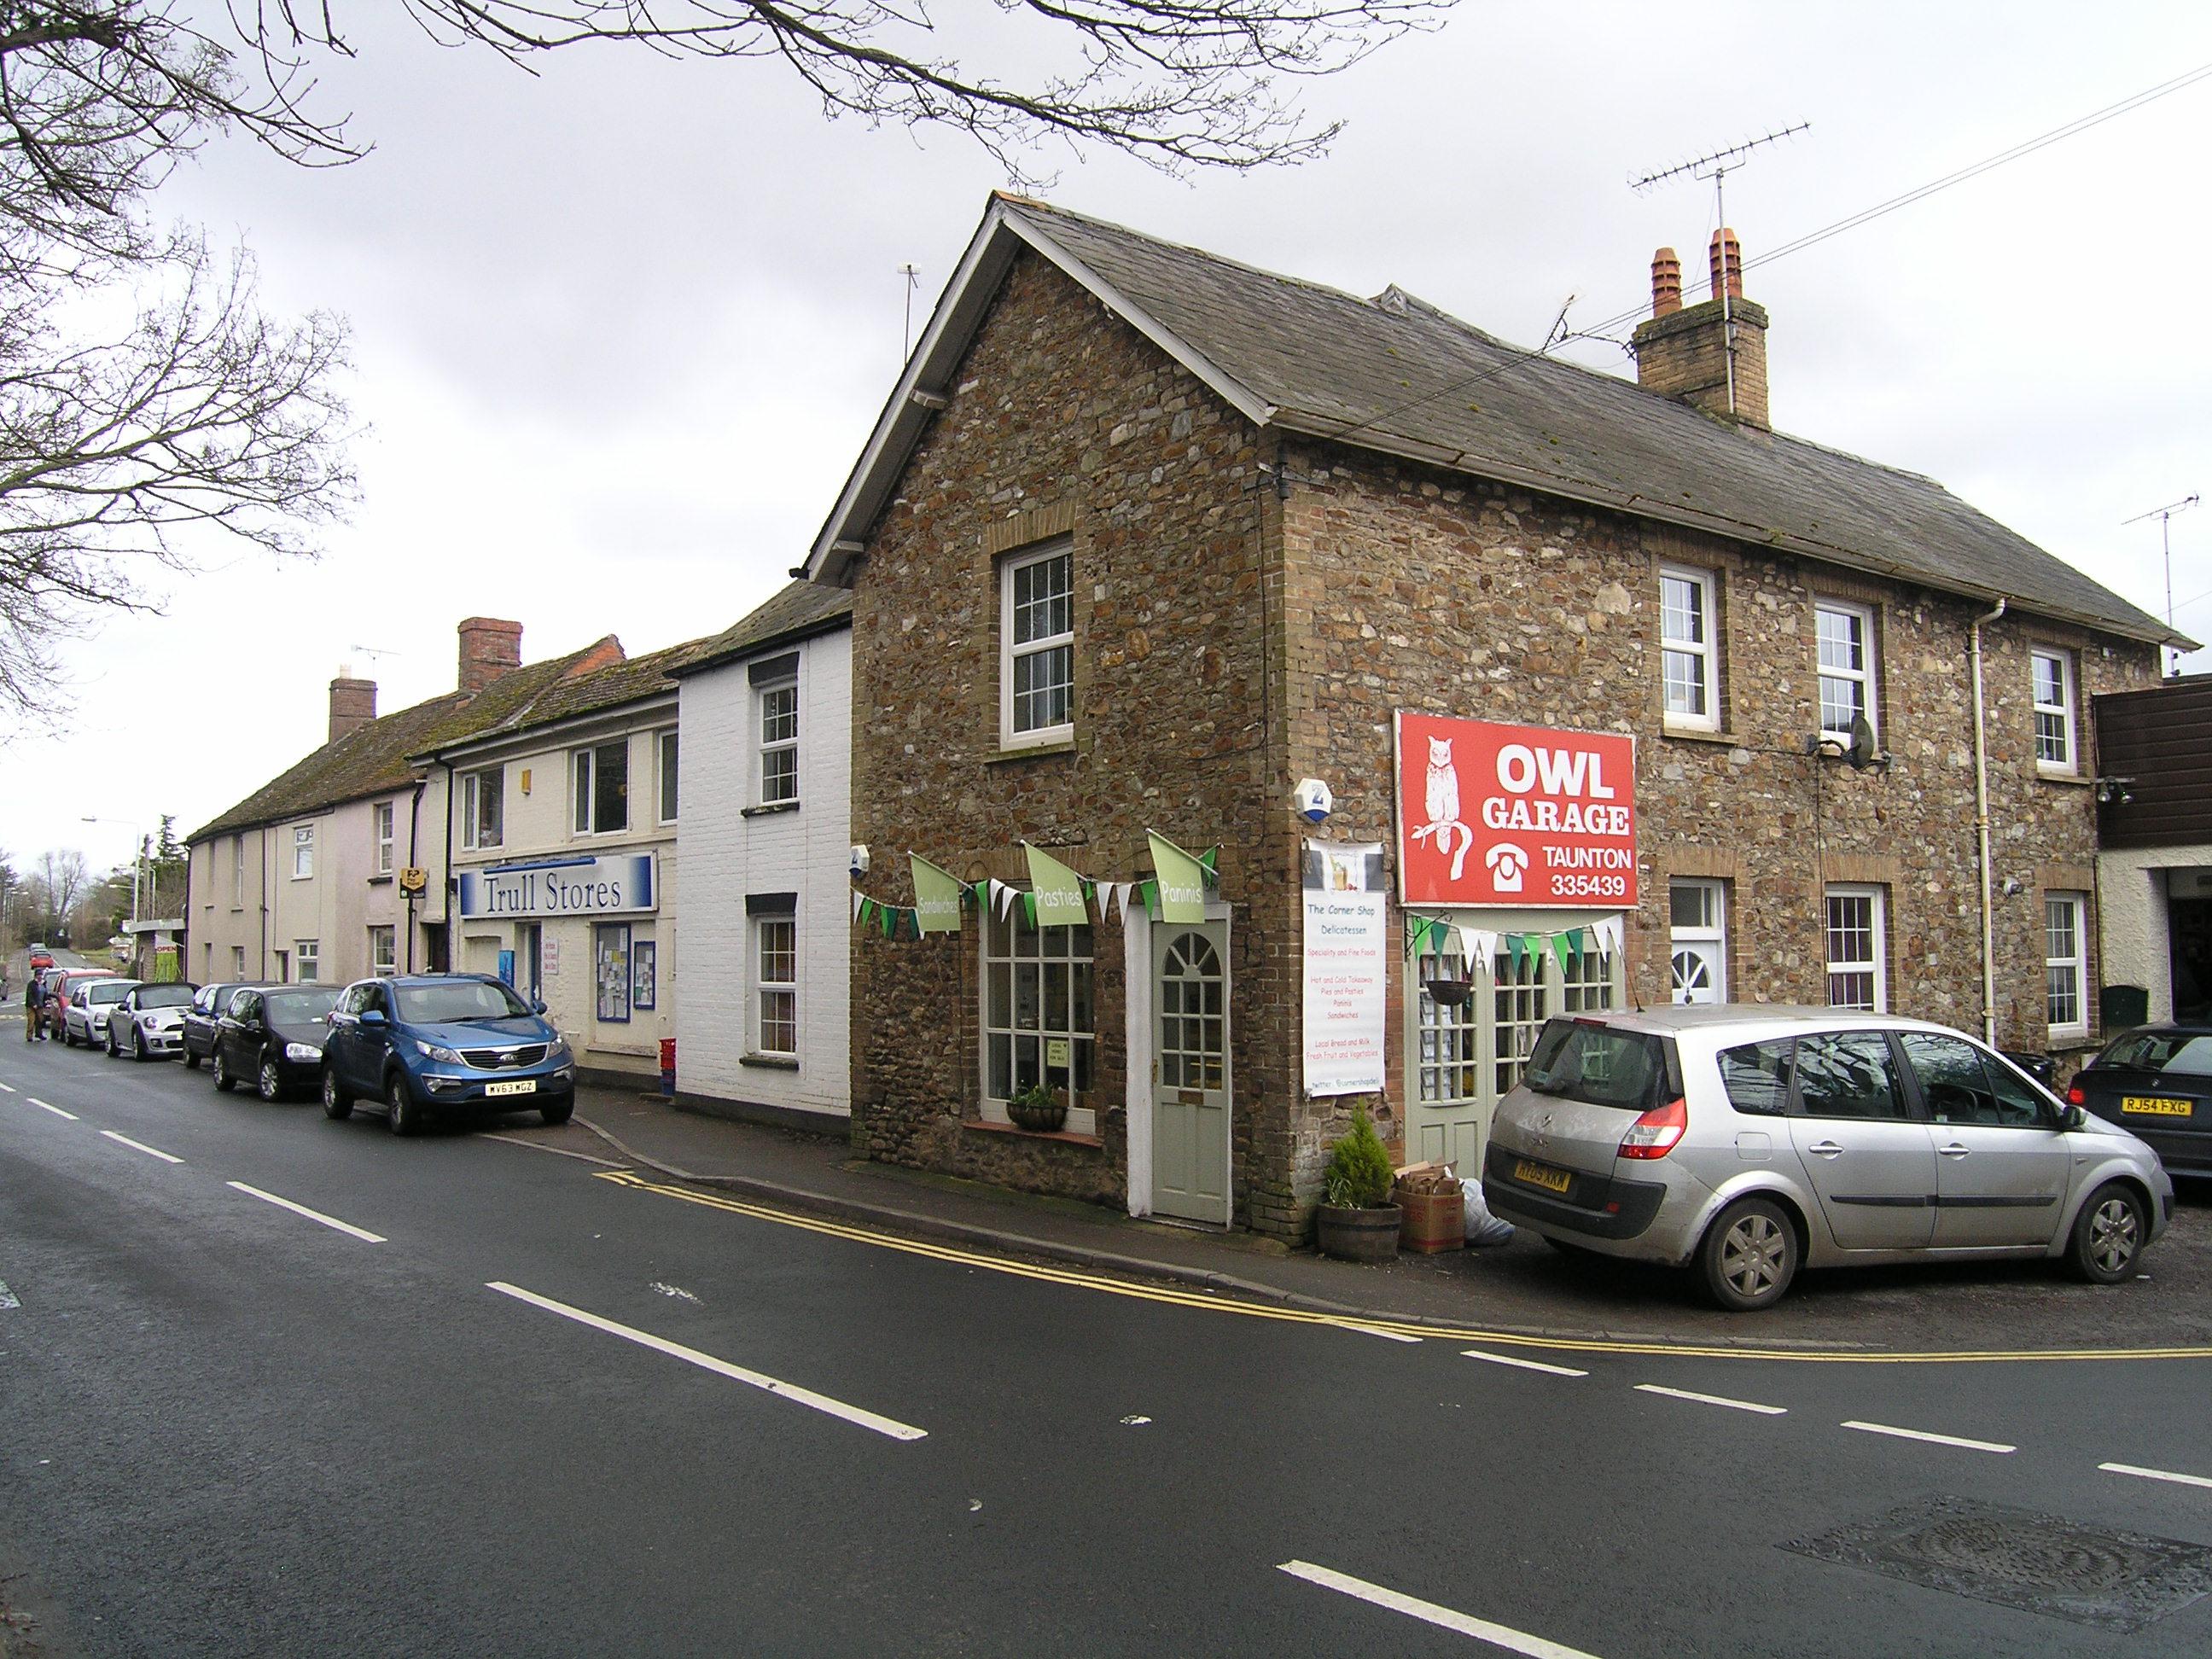 The Corner Shop Delicatessen, Trull, Taunton